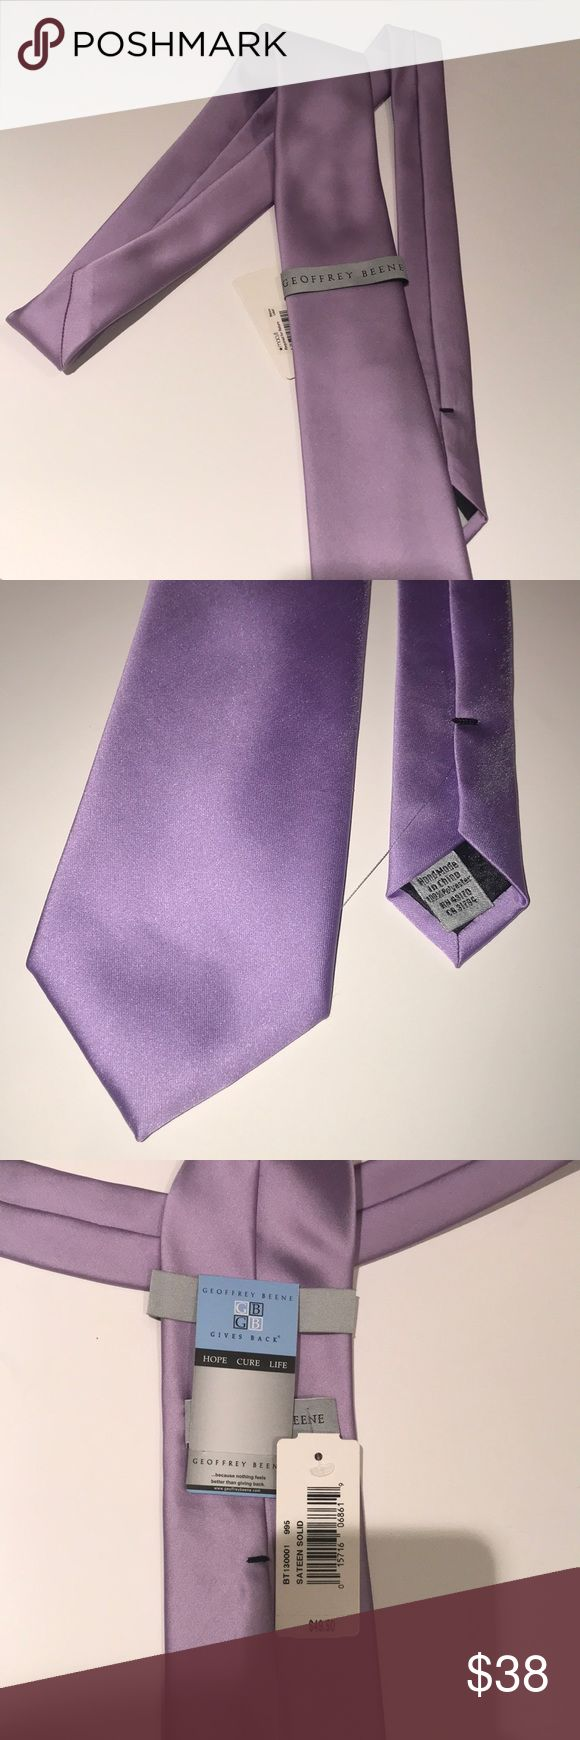 Men's Purple Tie New with tags. Never been worn. Light shade of purple. Geoffrey Beene Accessories Ties